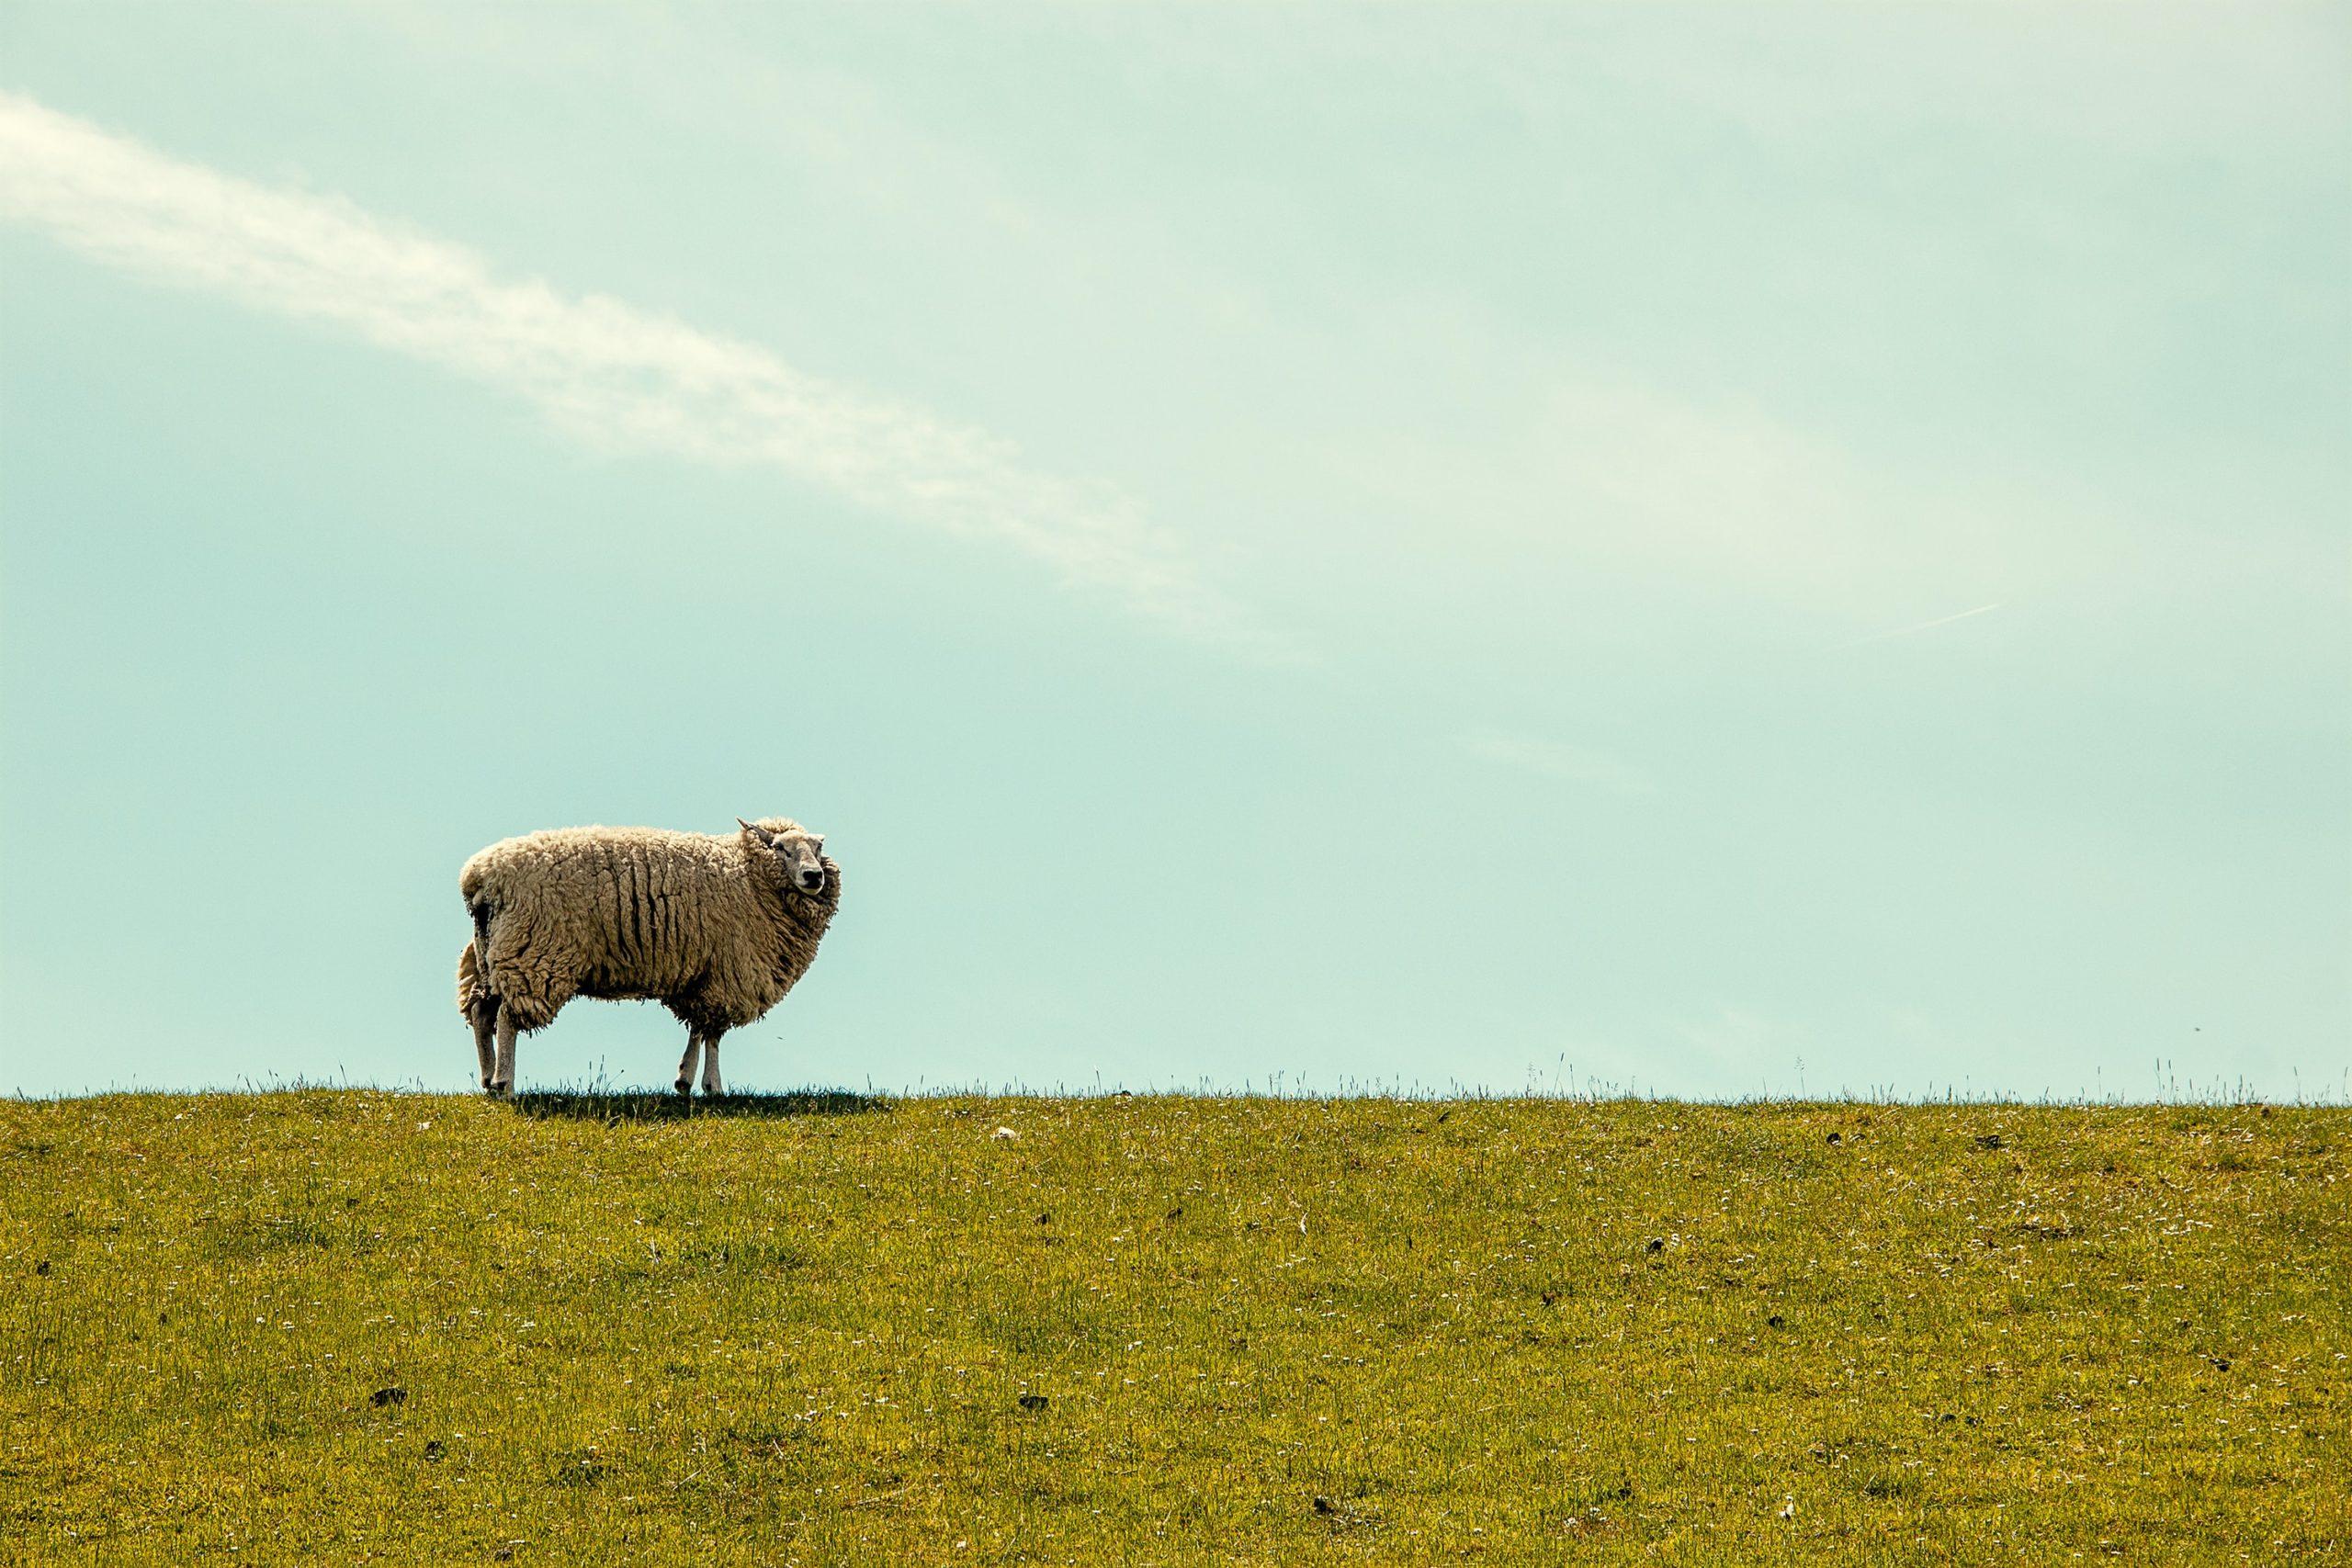 迷える子羊がコーチングを受けて感じたこと